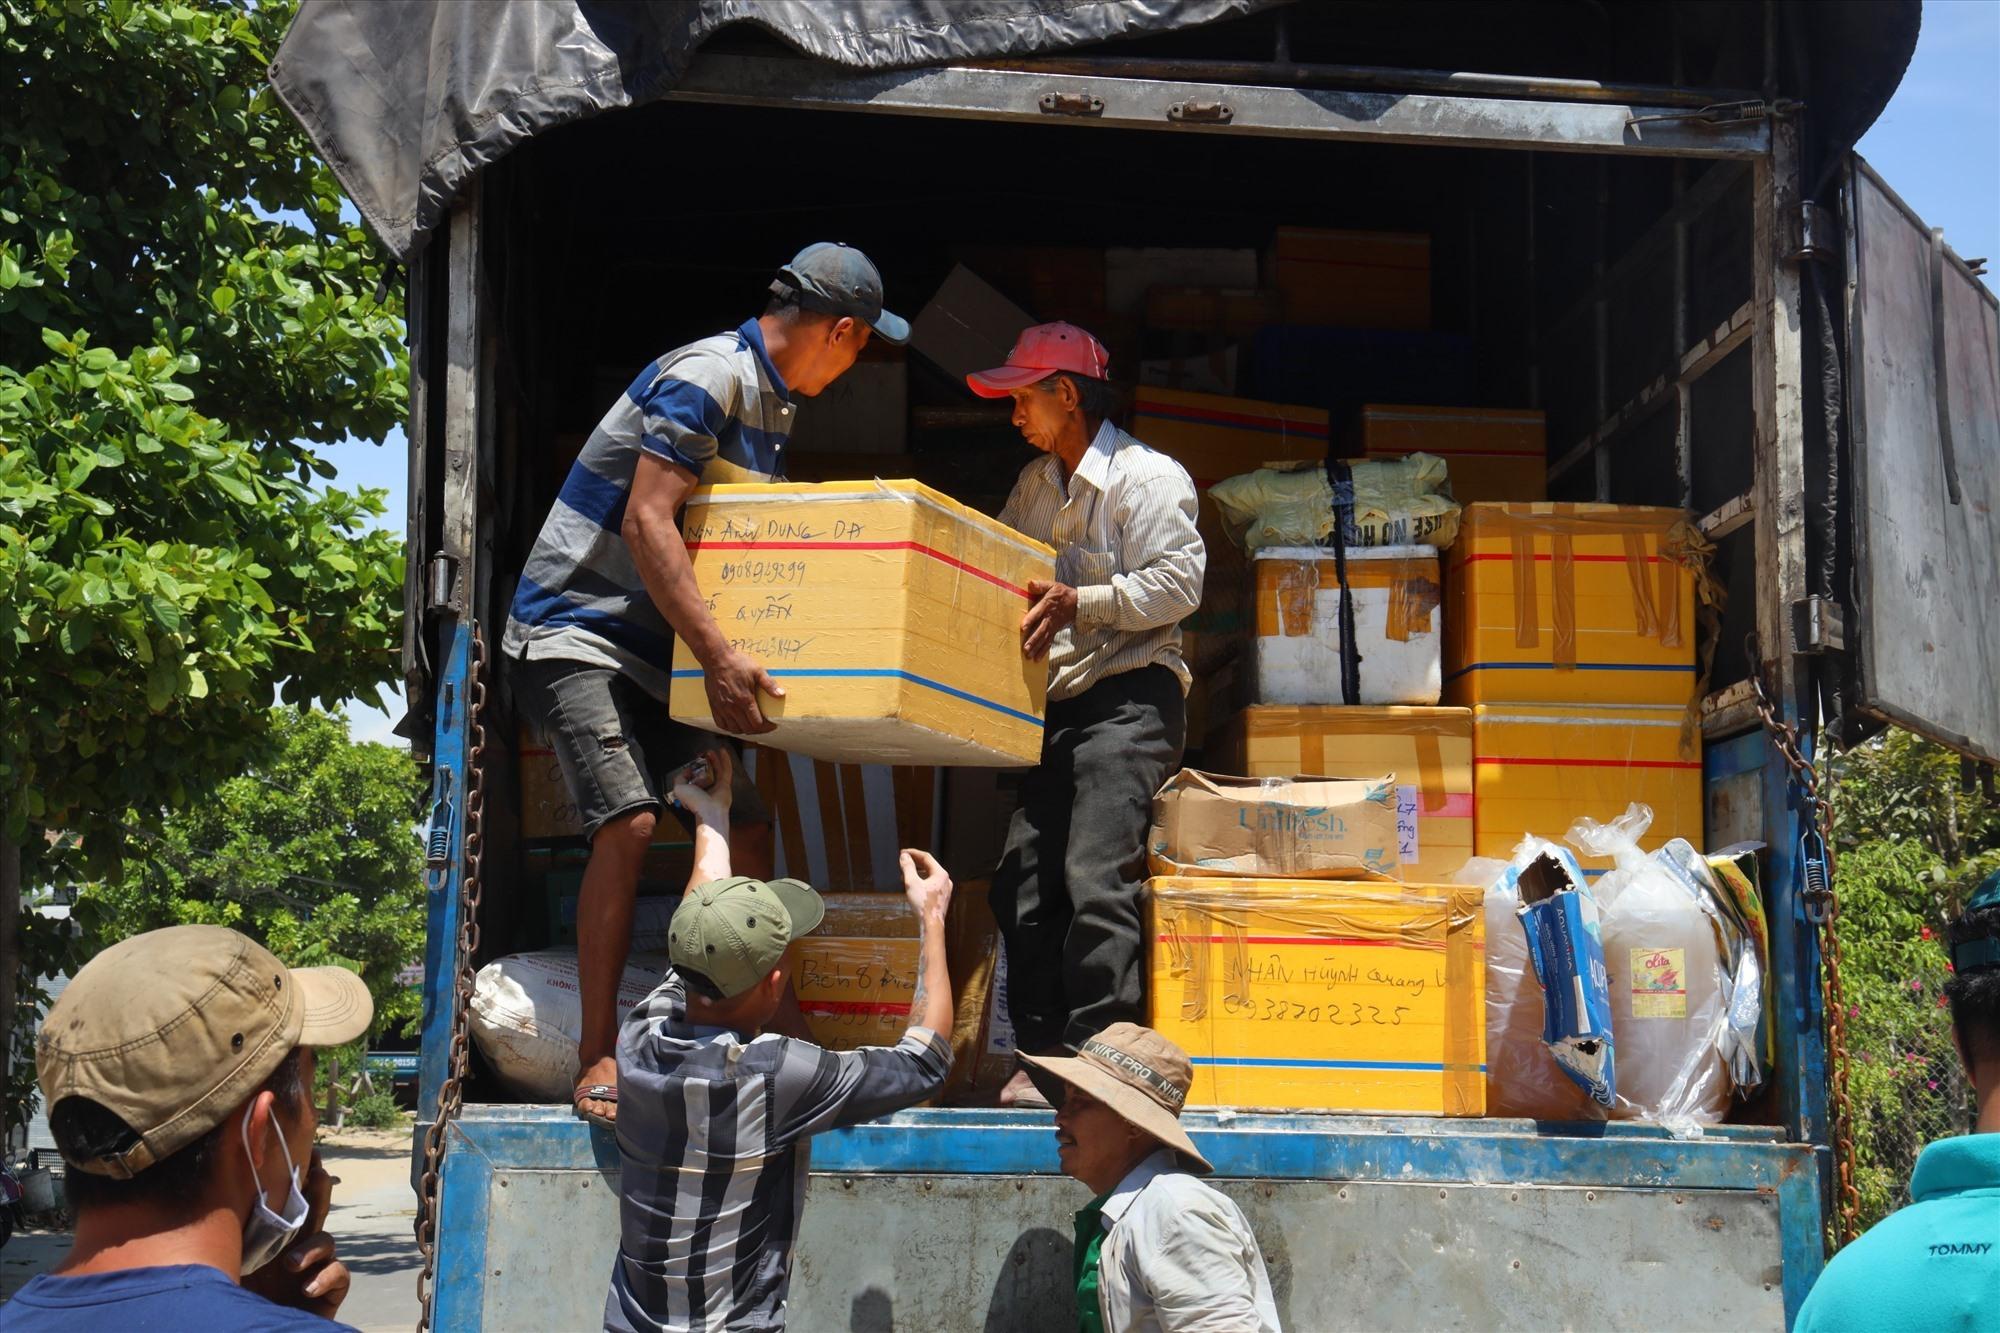 Những ngày qua, người dân Quảng Nam quyên góp hàng chục tấn lương thực, thực thẩm để vận chuyển vào hỗ trợ cho người dân TP.Hồ Chí Minh gặp khó khăn do dịch bệnh Covid-19. Ảnh: CTV